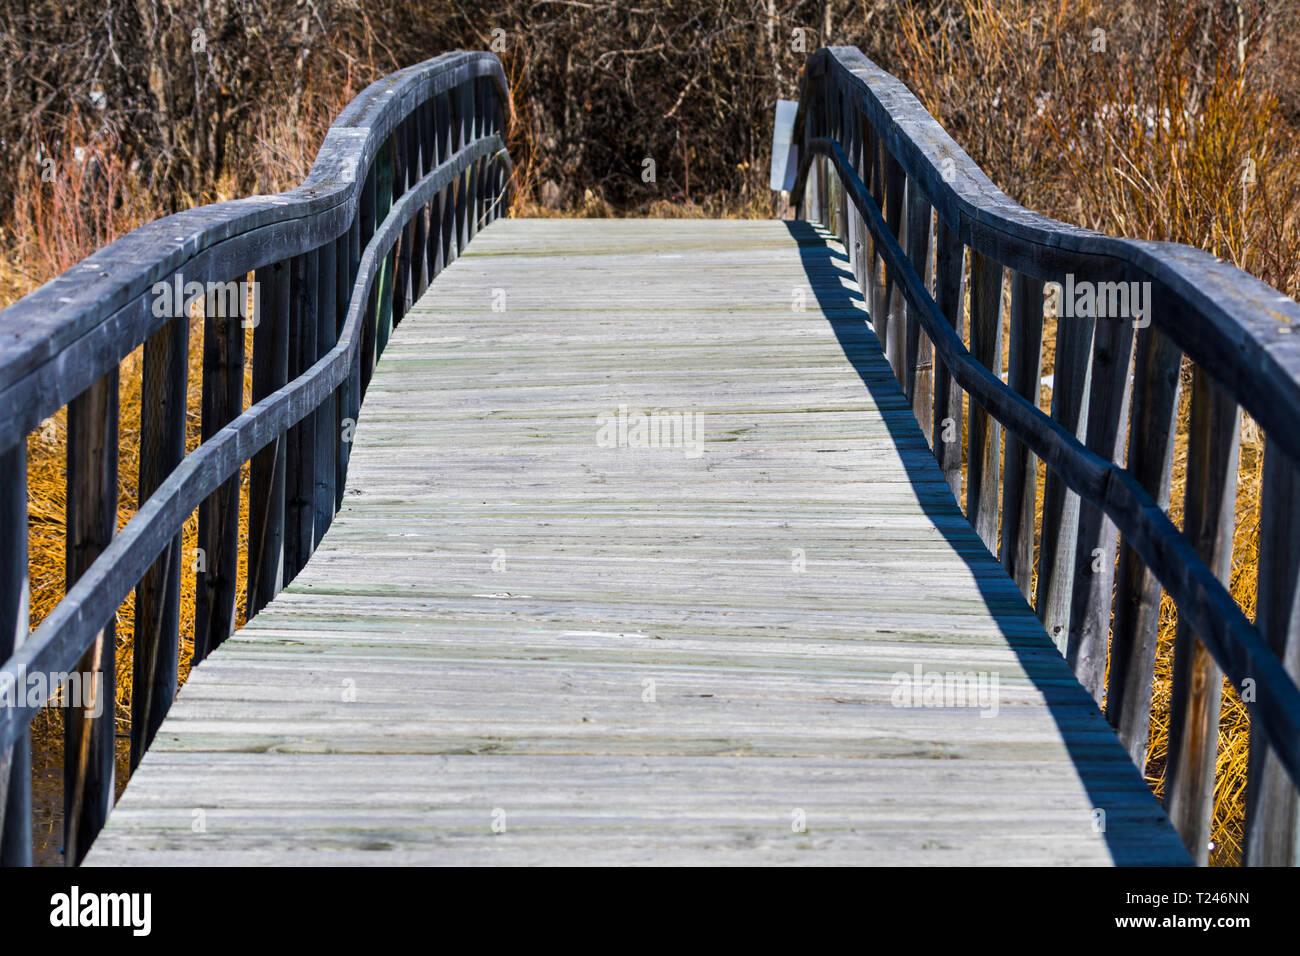 Warped bridge - Stock Image